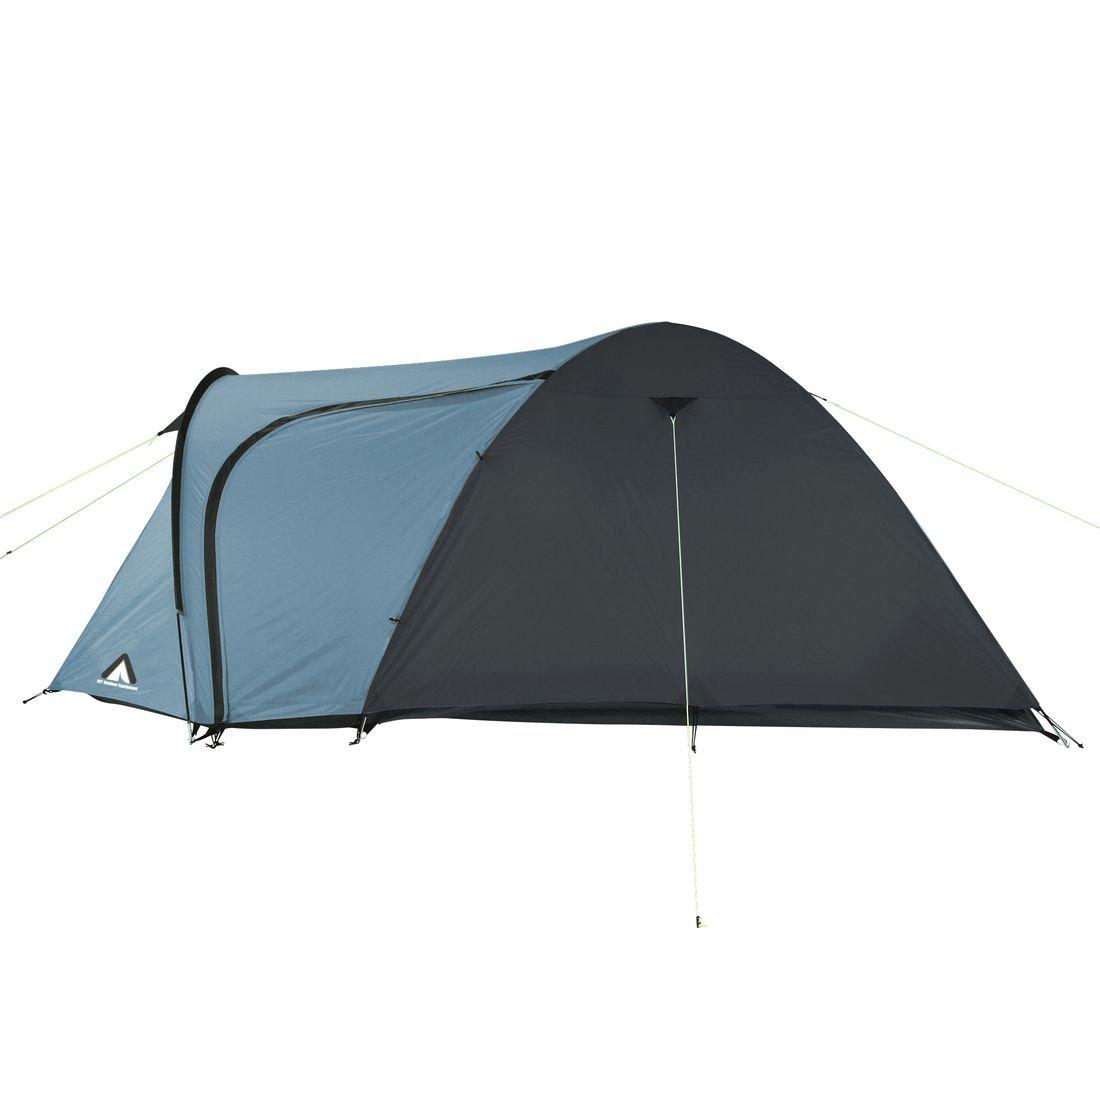 10T Zelt Jumbuck Arona 4 Mann Kuppelzelt wasserdichtes Campingzelt 5000mm Igluzelt mit Wohnraum